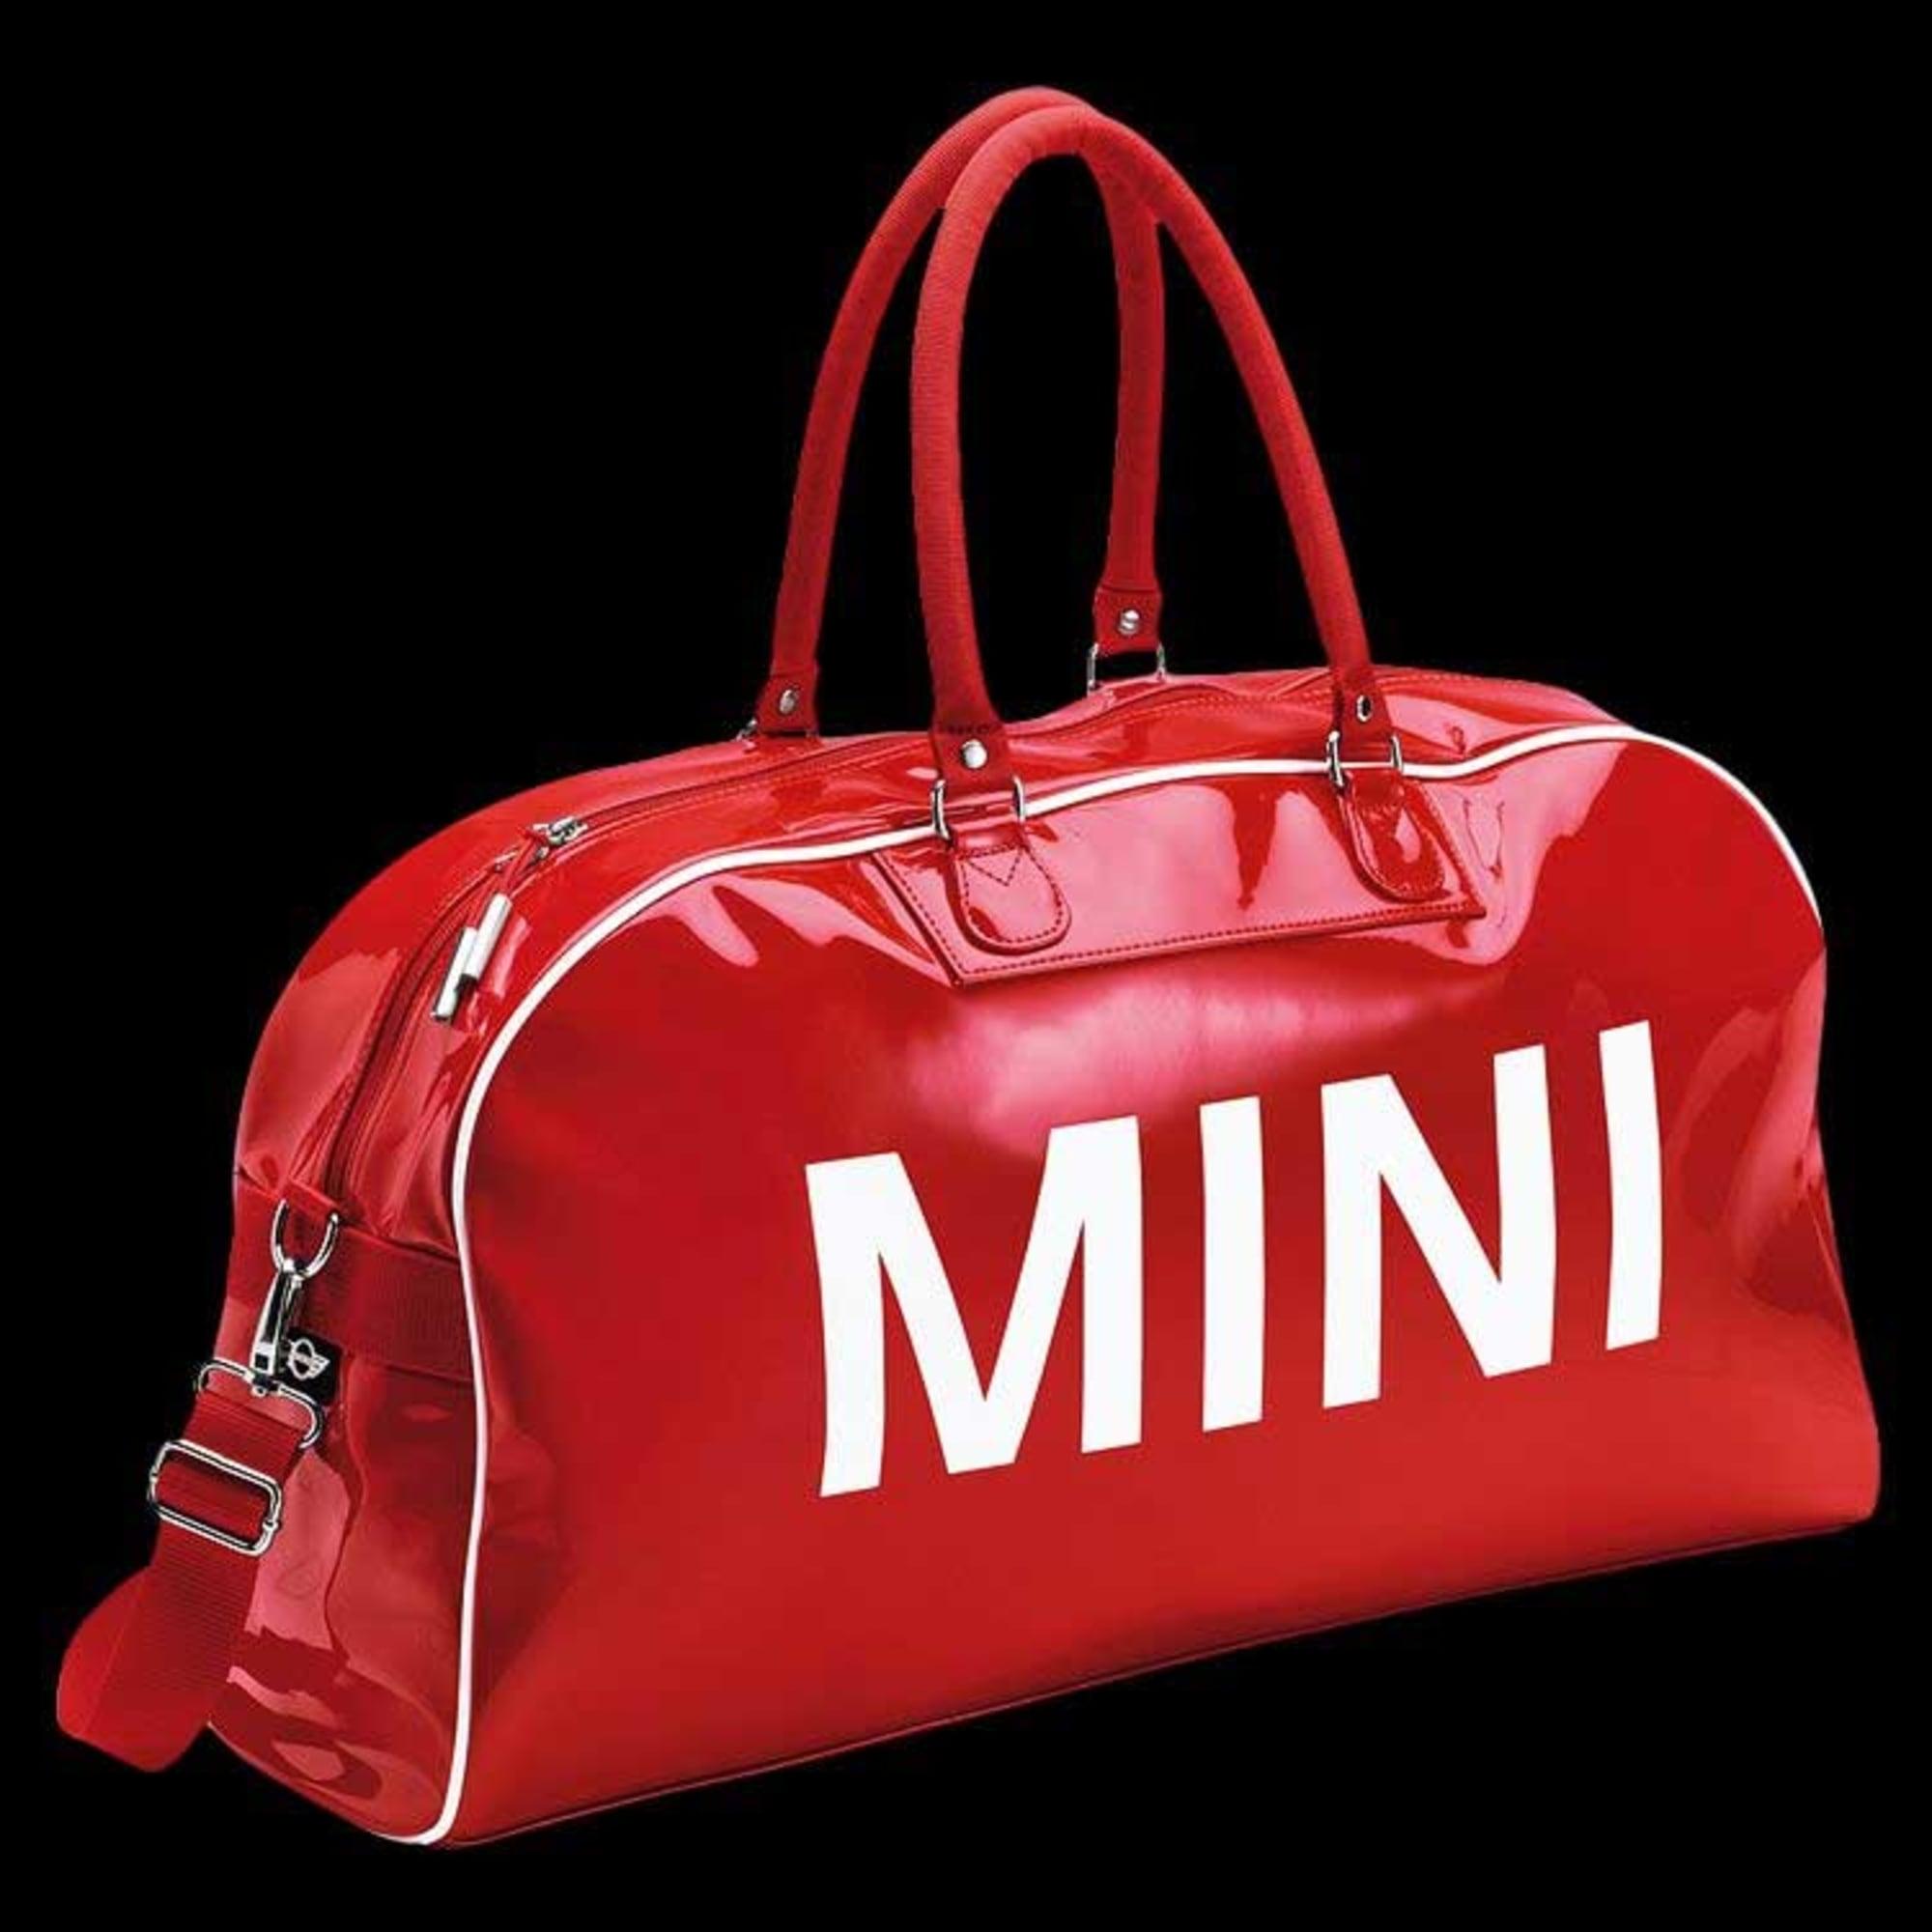 05c81070d1 Sacoche MINI COOPER rouge vendu par Jenn_ha74 - 6340615